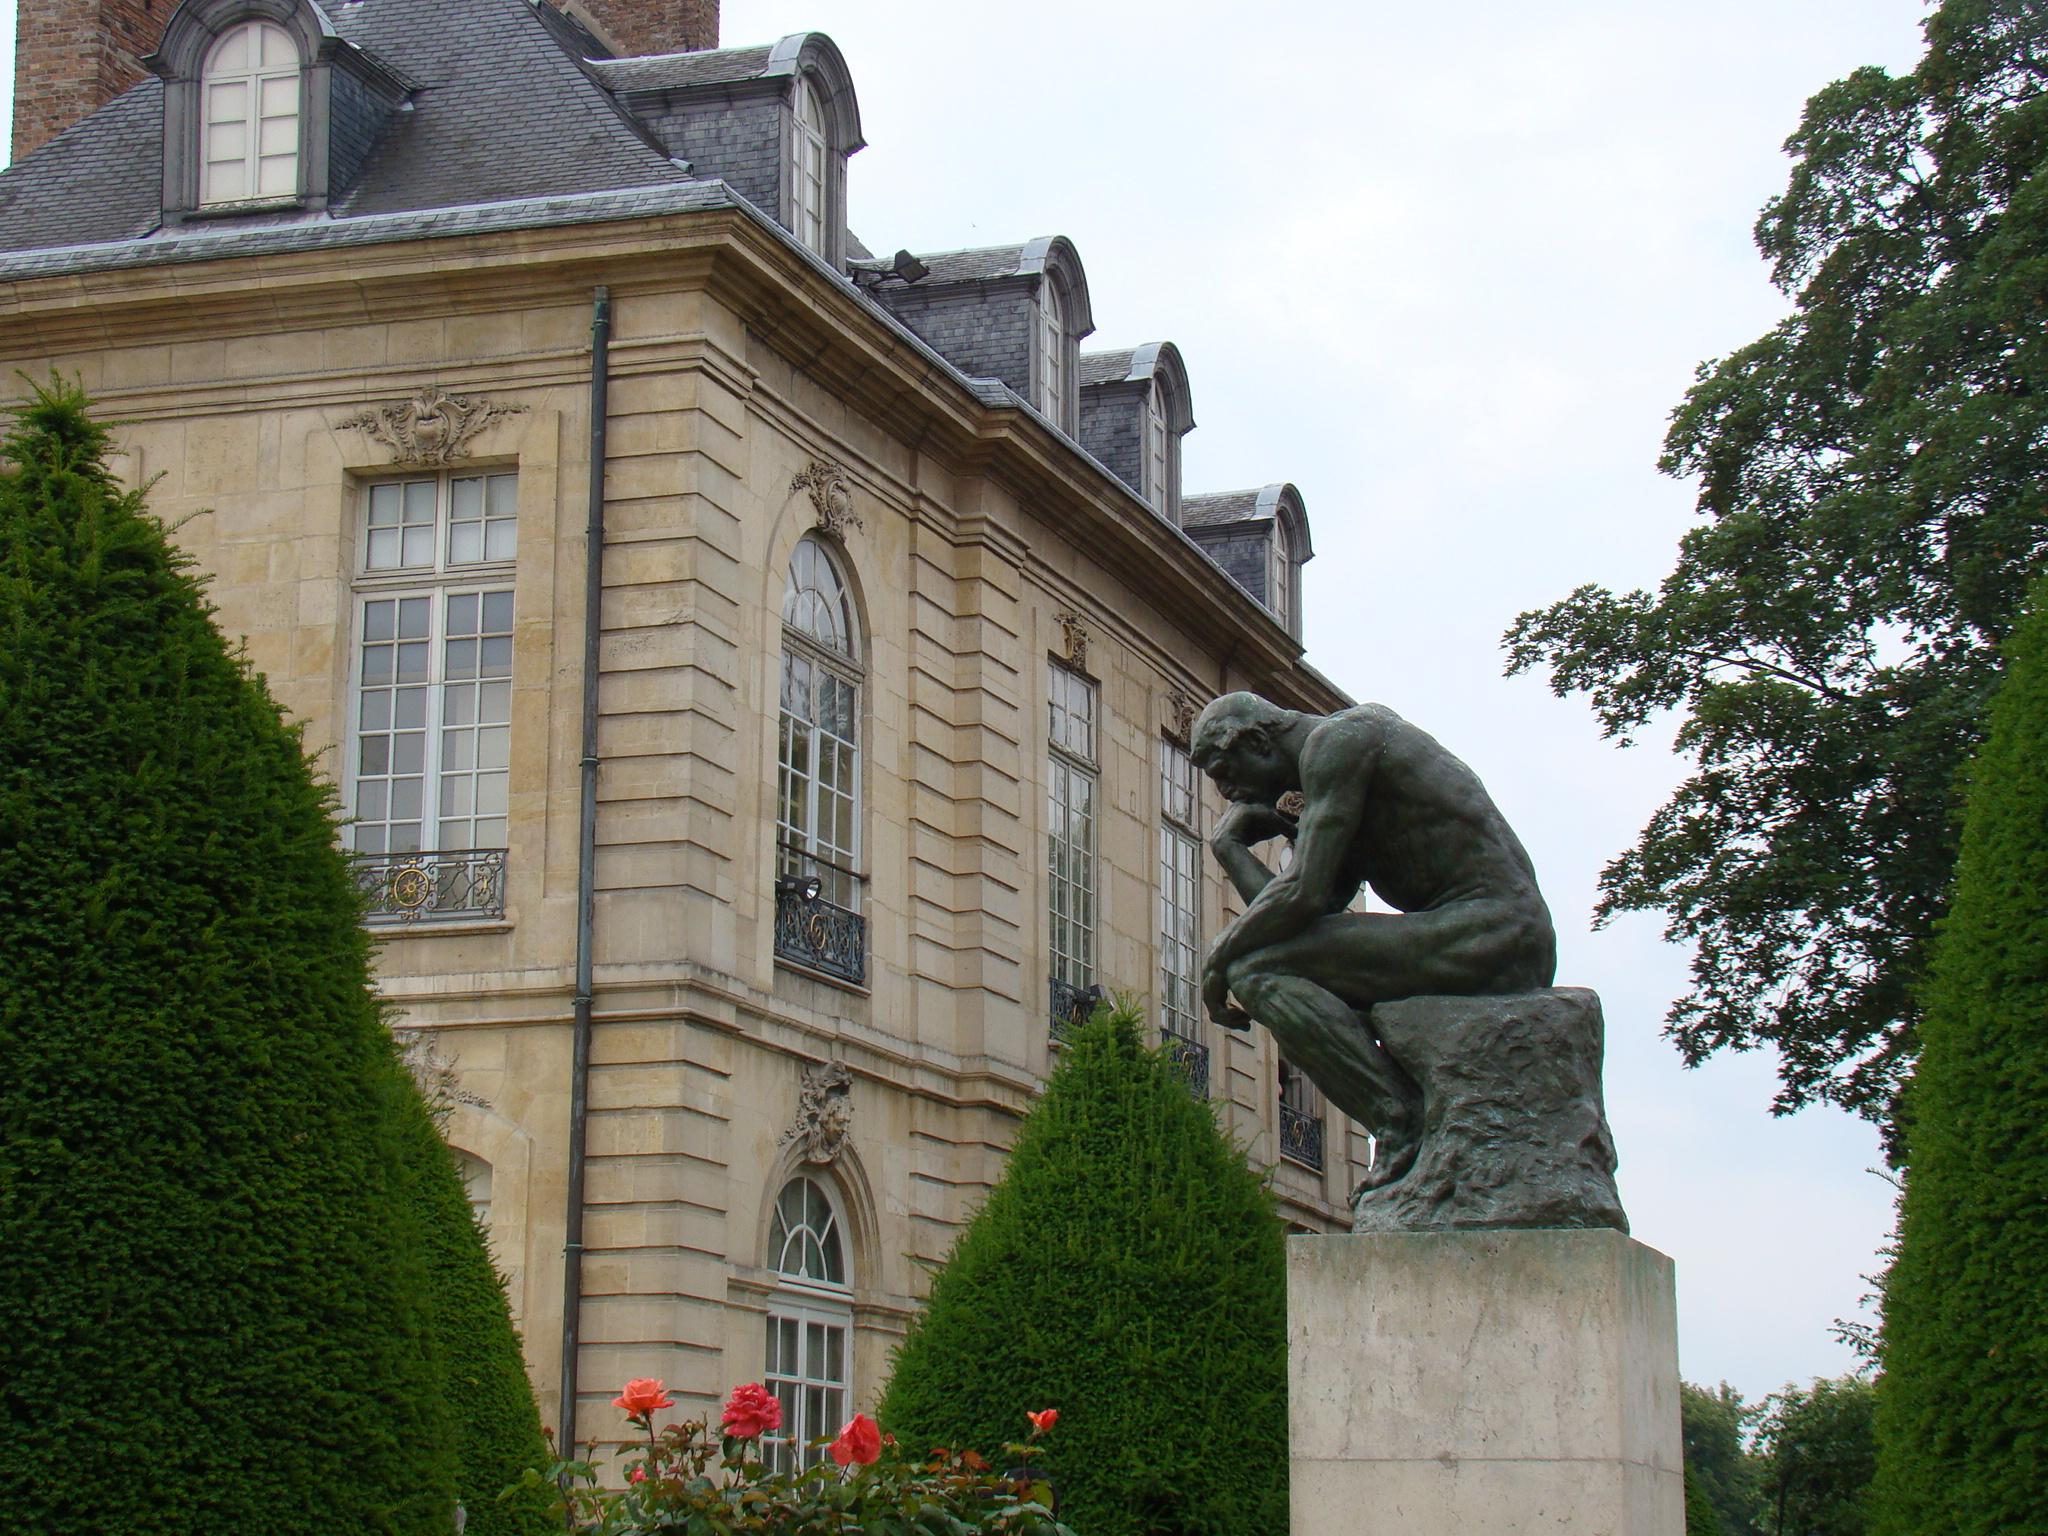 O pensador - Museu Rodin